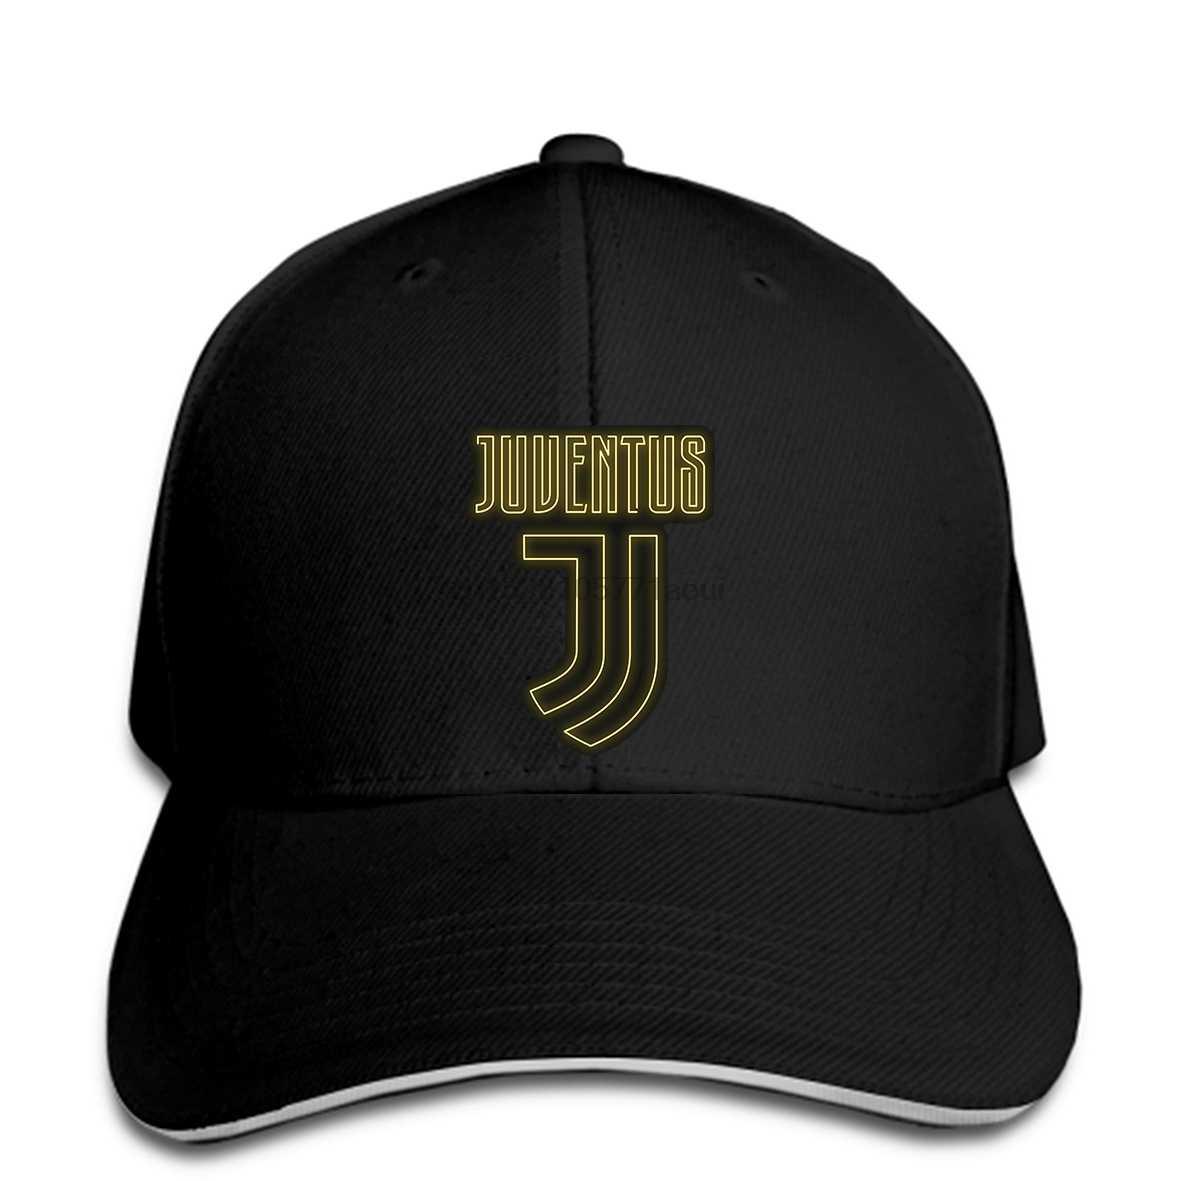 野球キャップカスタマイズグレートユベントススナップバックレジャー男性プリント帽子ストリート陽気なヒップホップ